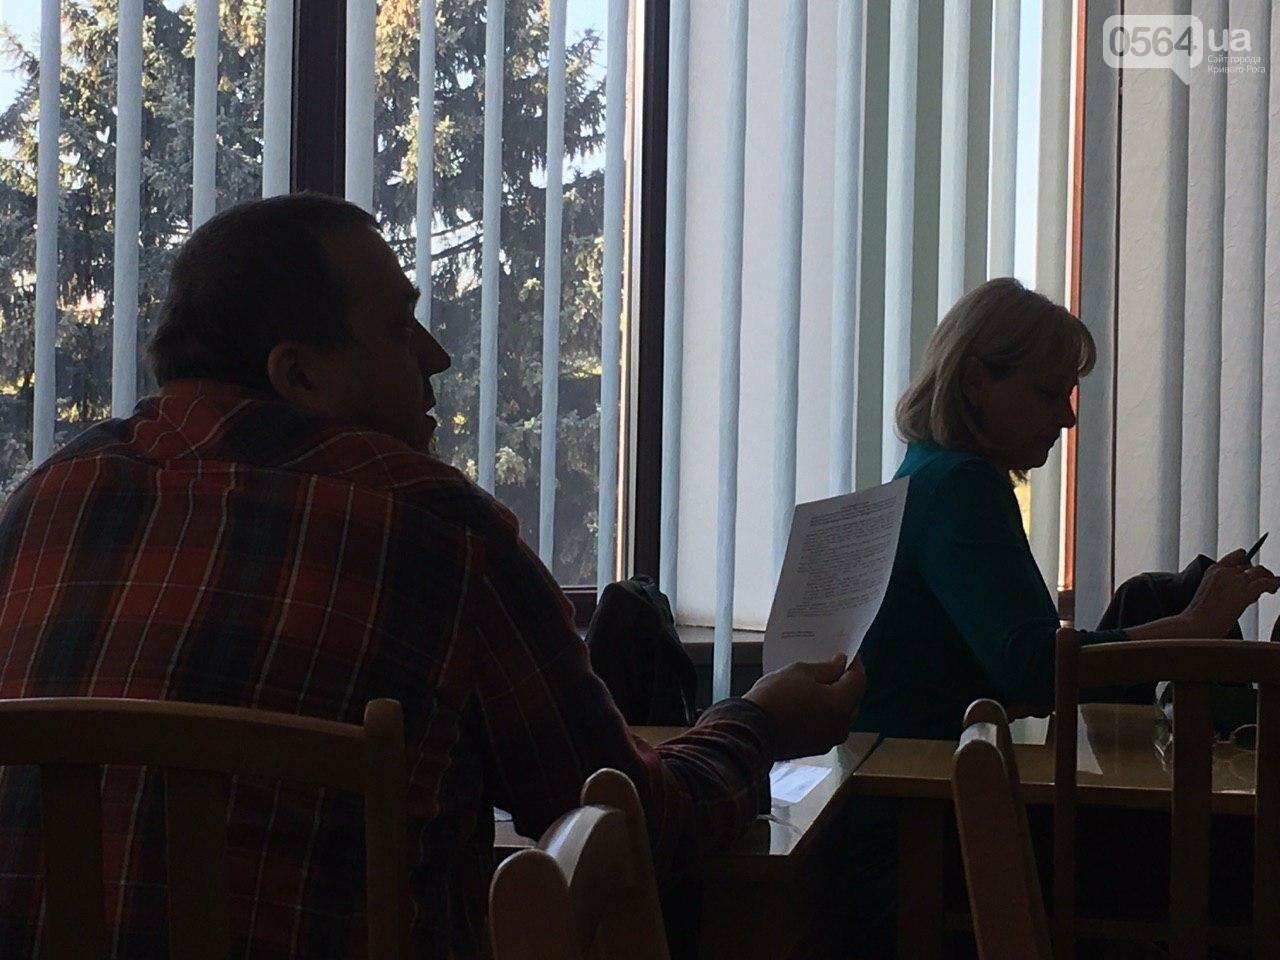 Депутаты Криворожского горсовета обсудили, куда и когда перенесут из зоны обрушения детский сад, - ФОТО , фото-15